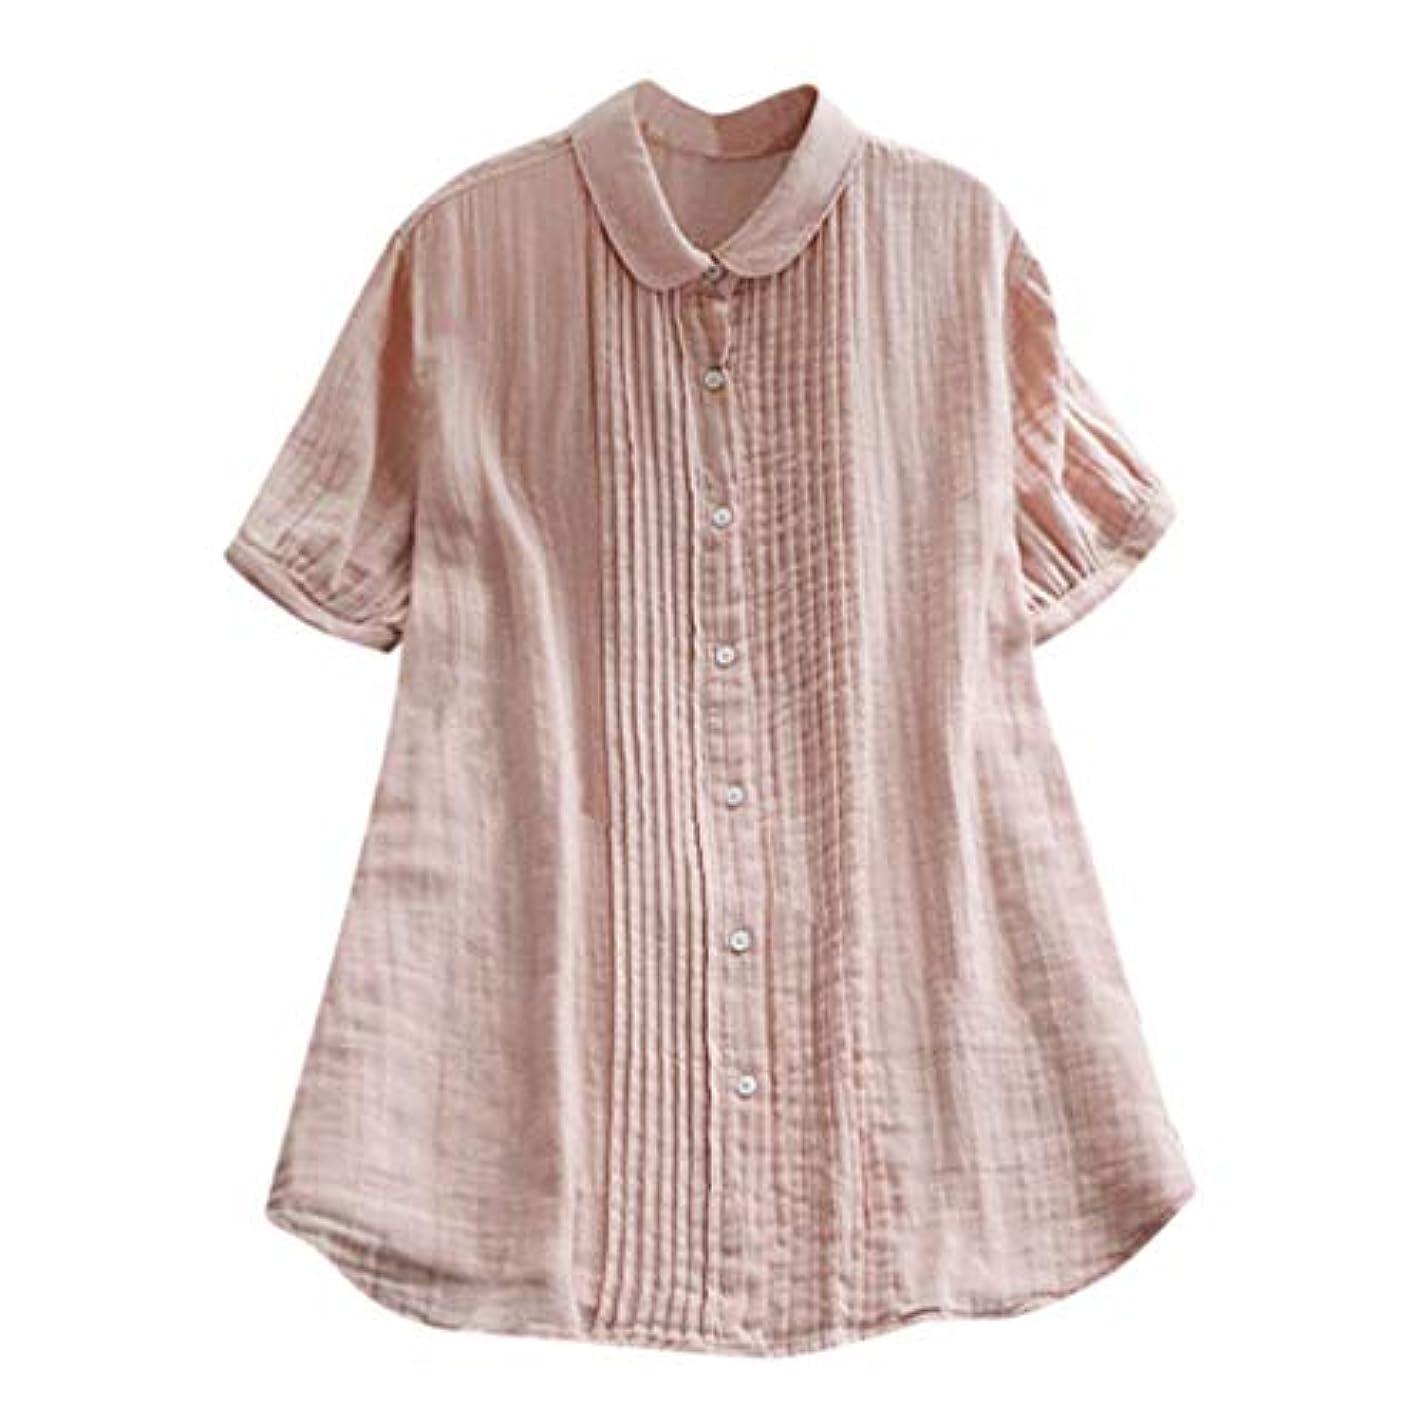 固有の欺くモデレータ女性の半袖Tシャツ - ピーターパンカラー夏緩い無地カジュアルダウントップスブラウス (ピンク, M)